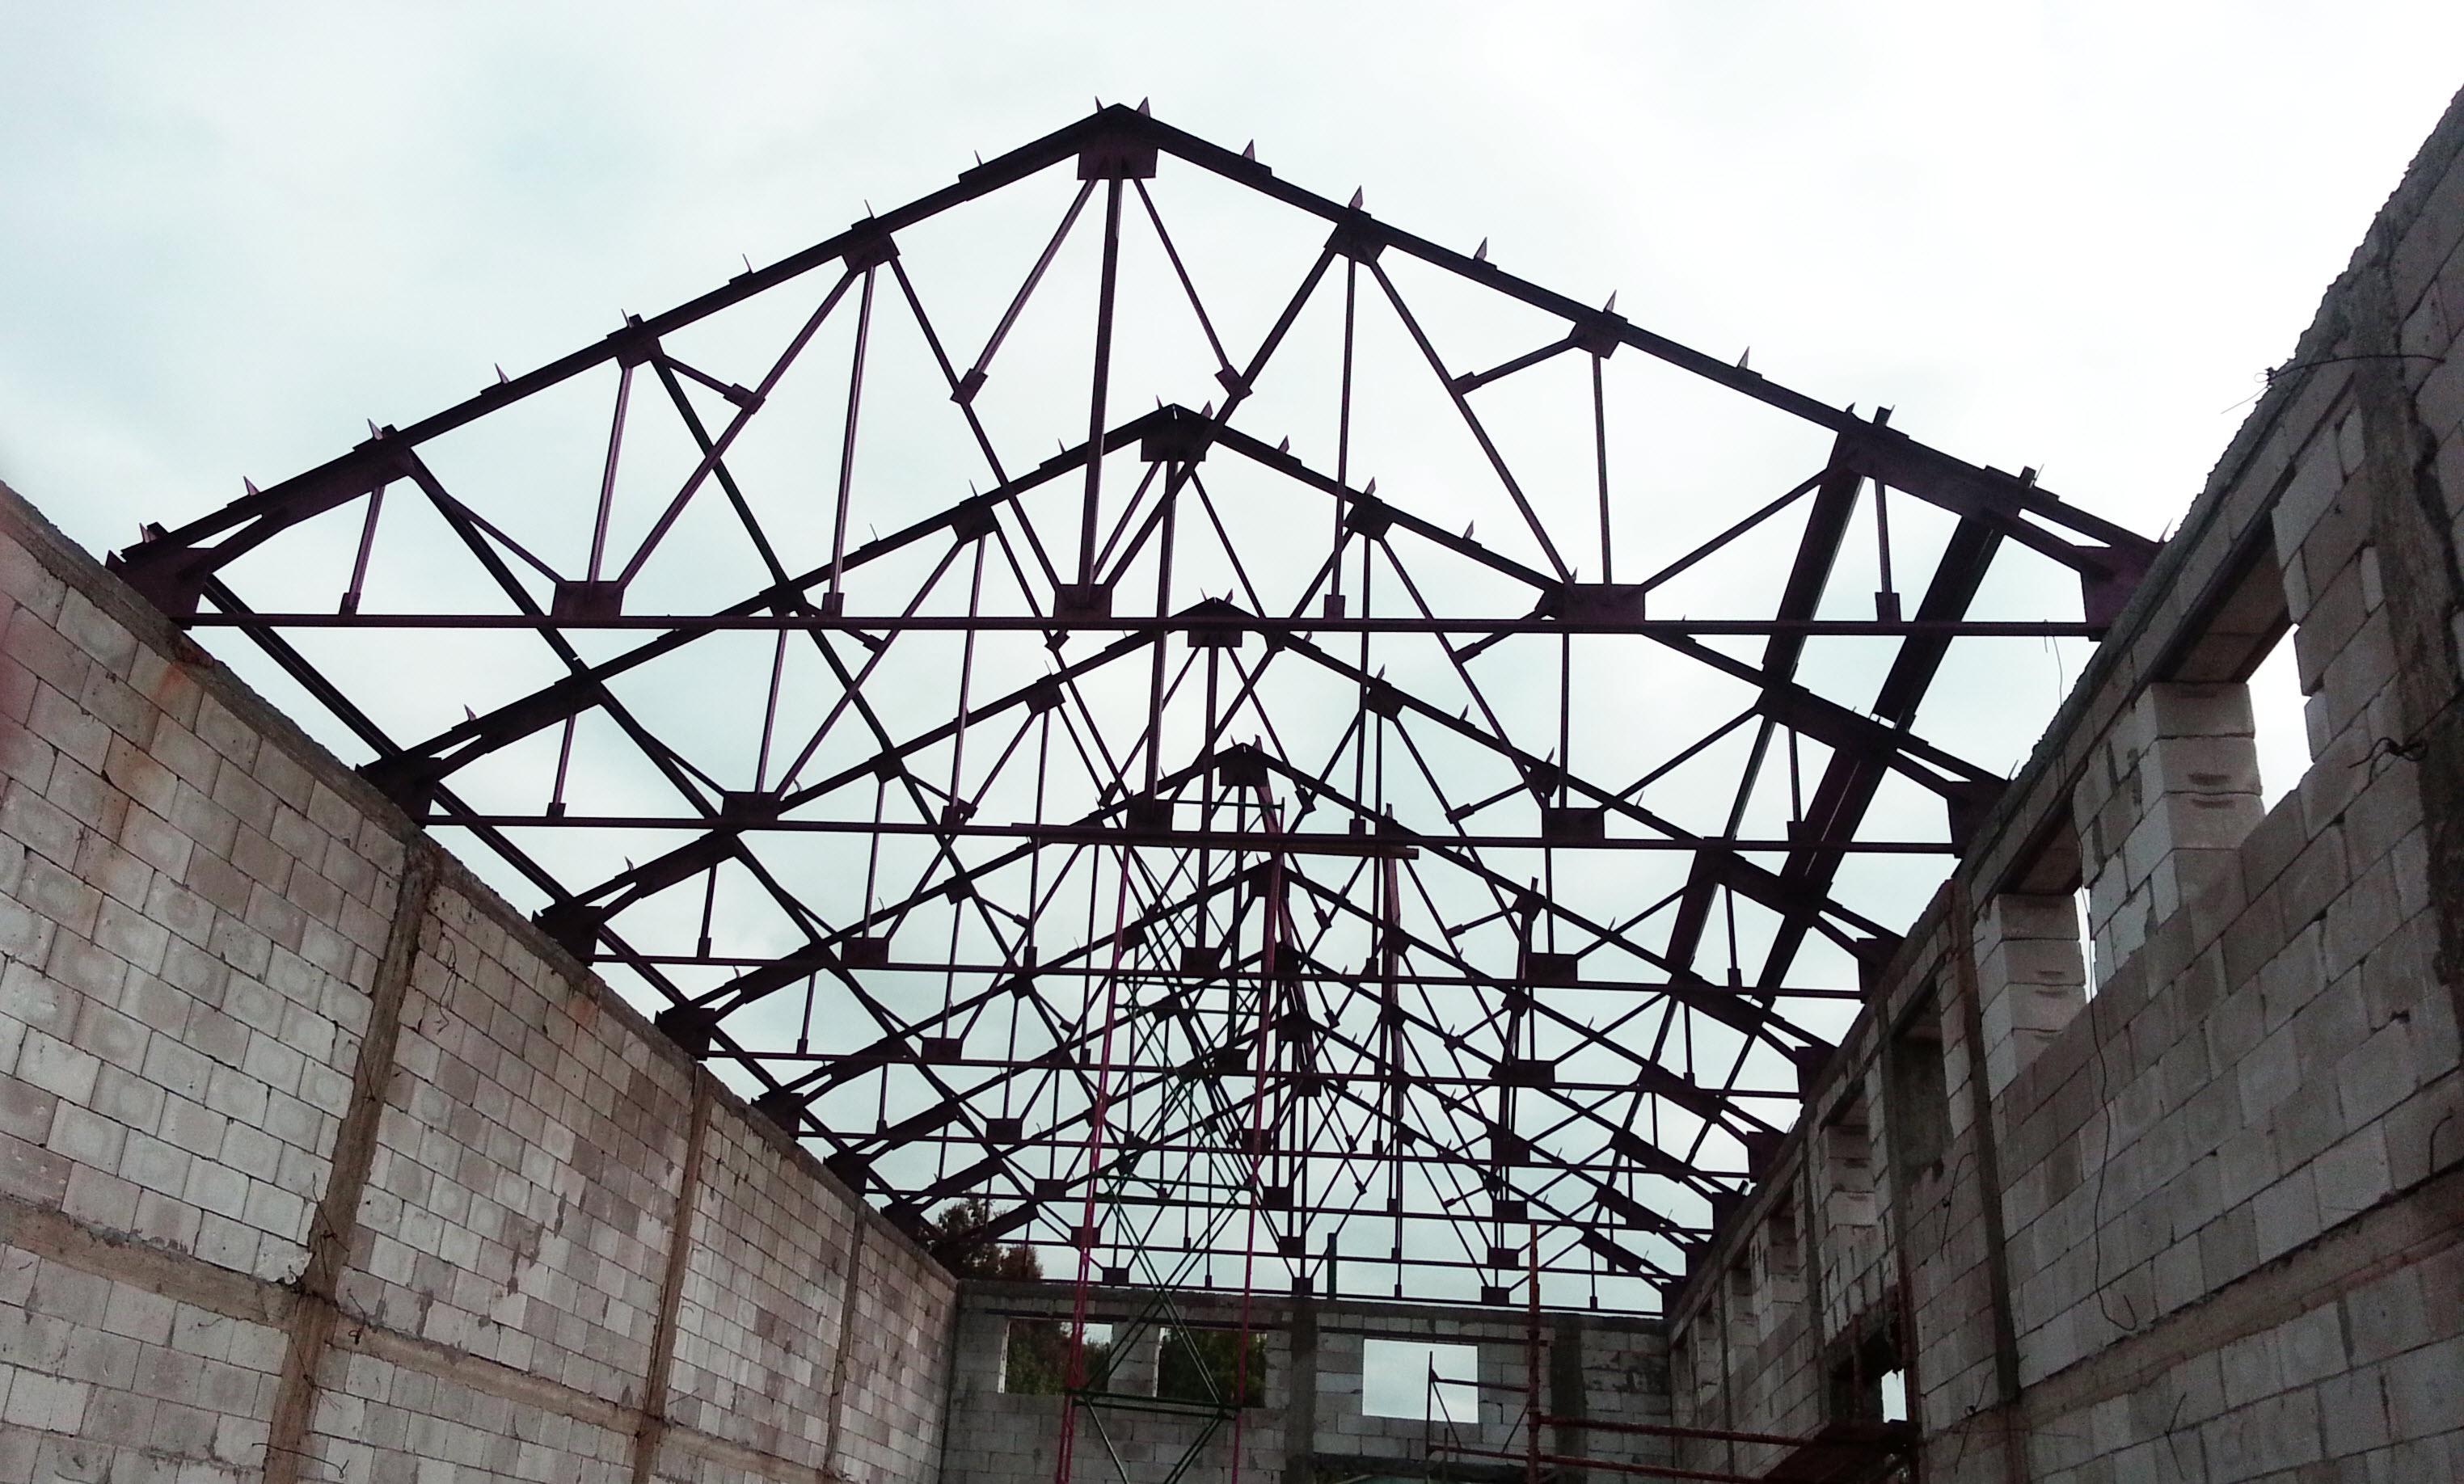 фото фермы металлические